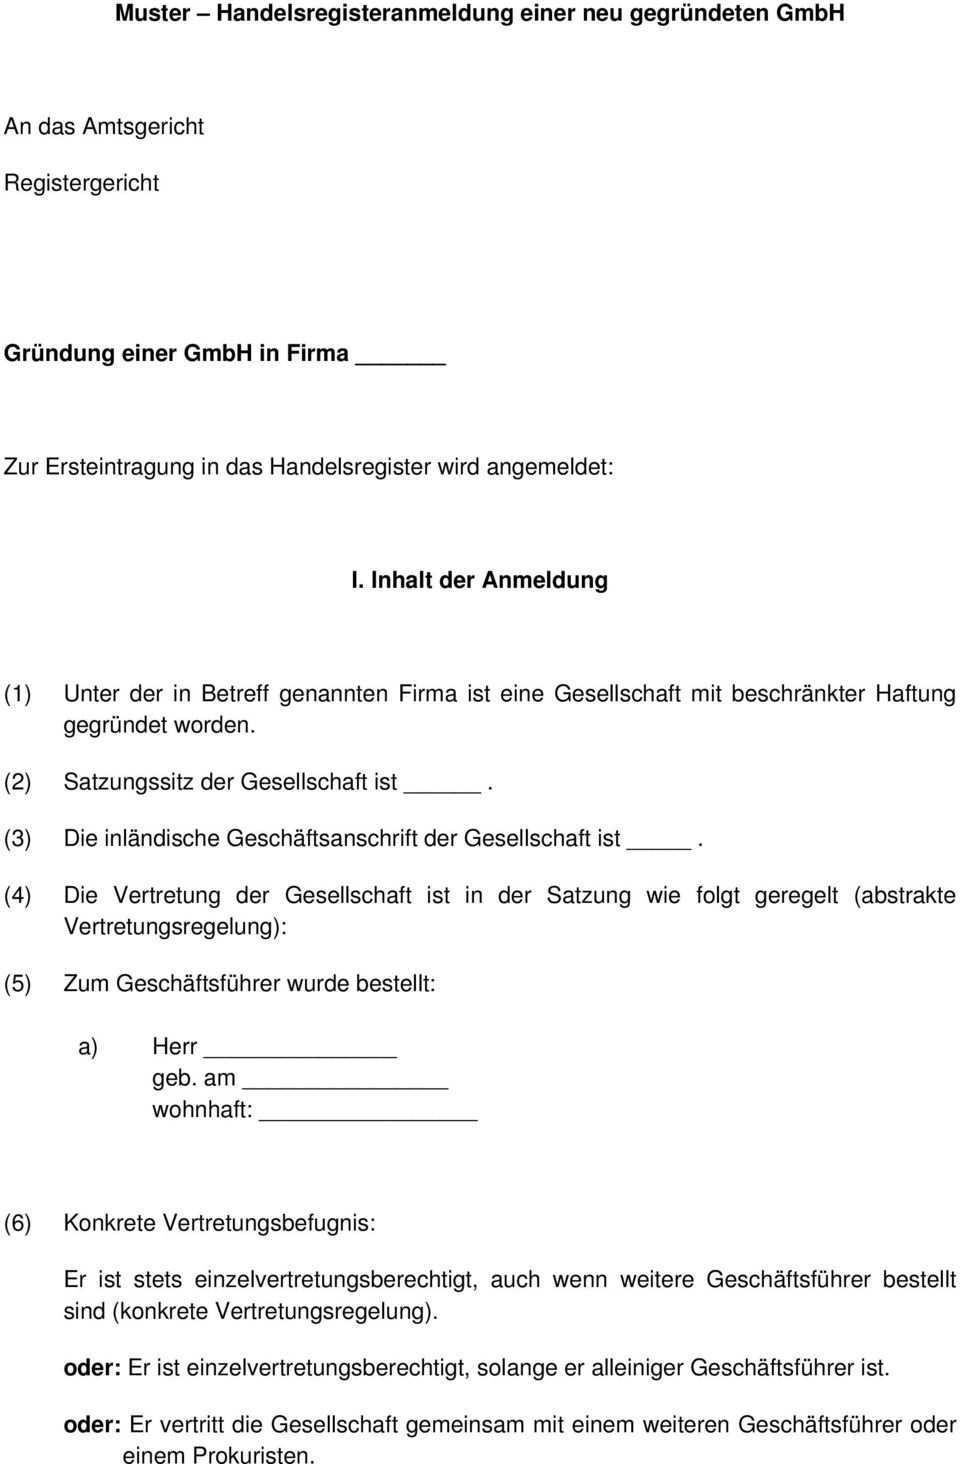 Muster Handelsregisteranmeldung Einer Neu Gegrundeten Gmbh Pdf Free Download